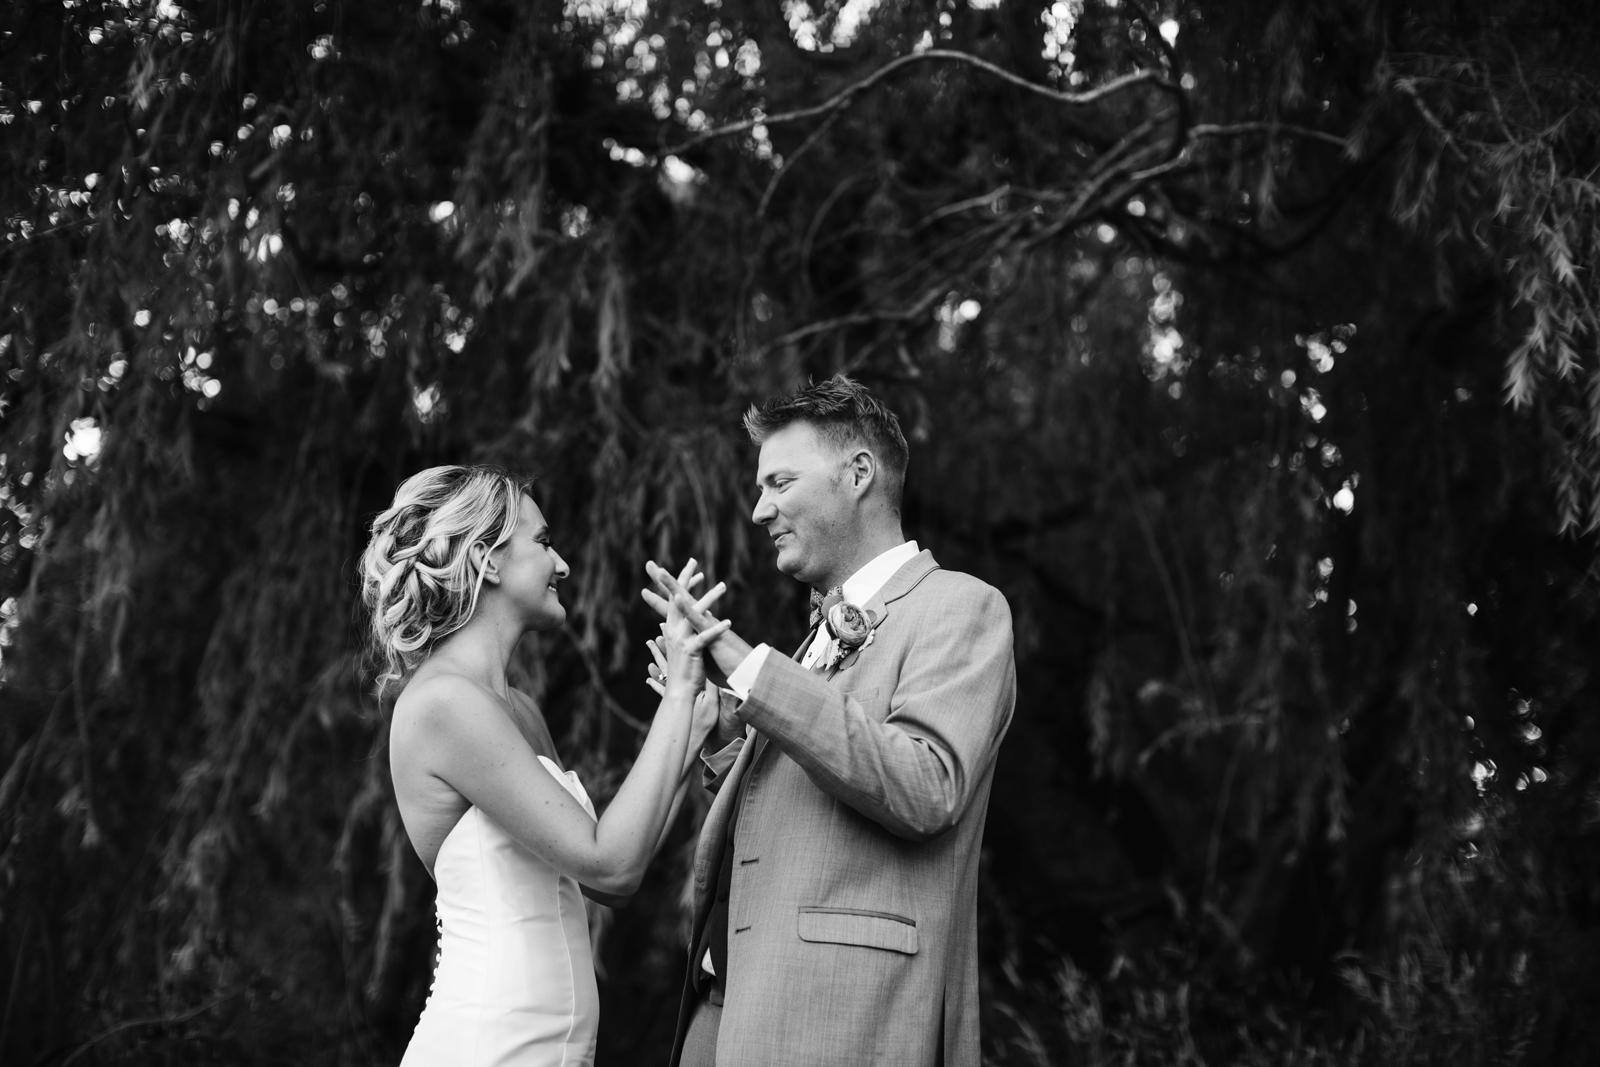 173-daronjackson-gabby-alec-wedding.jpg